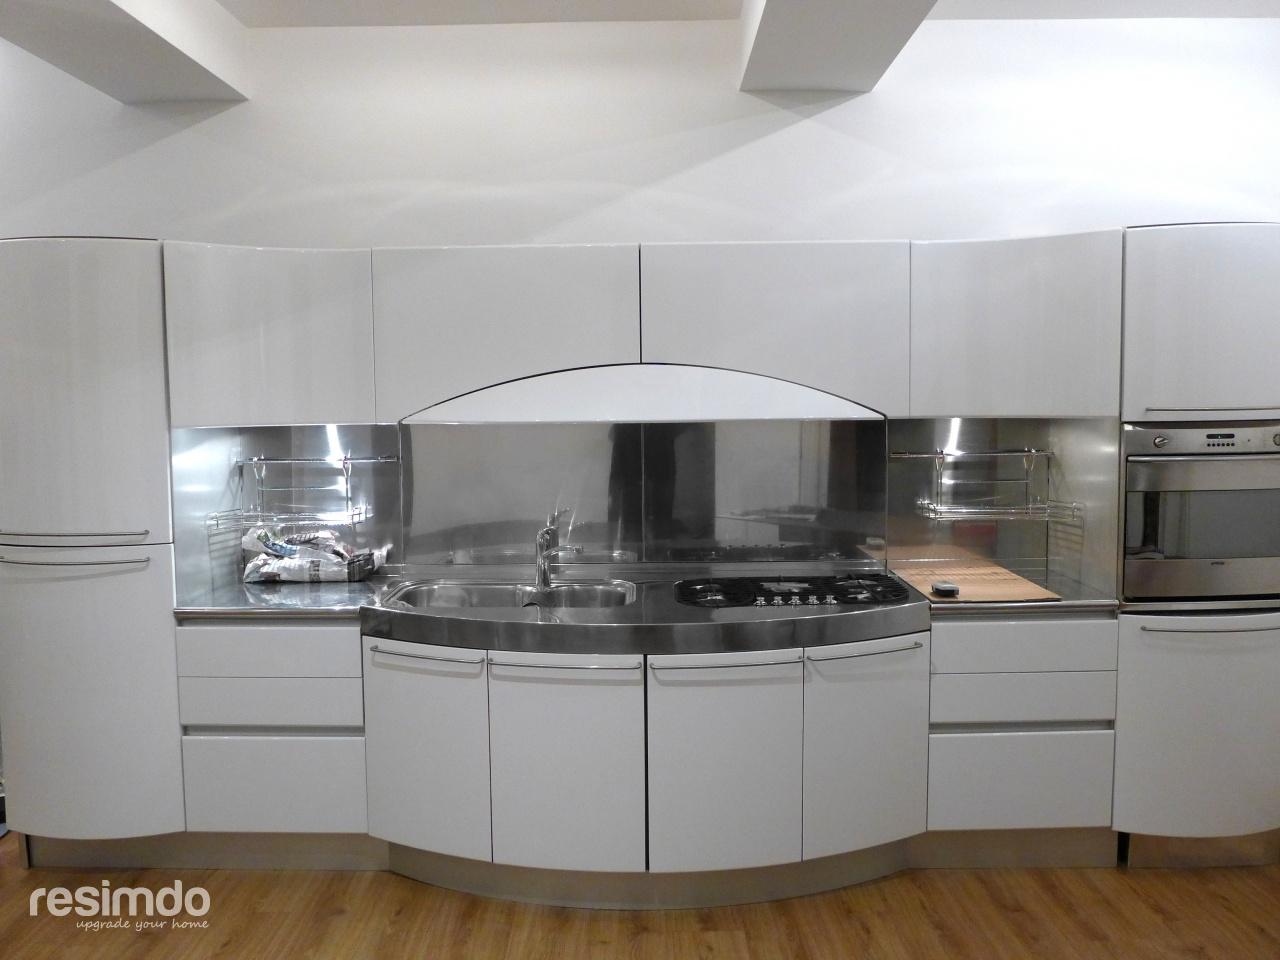 Küche Weiß Hochglanz Einfach On Andere Mit Folieren Rot Zu Resimdo 8